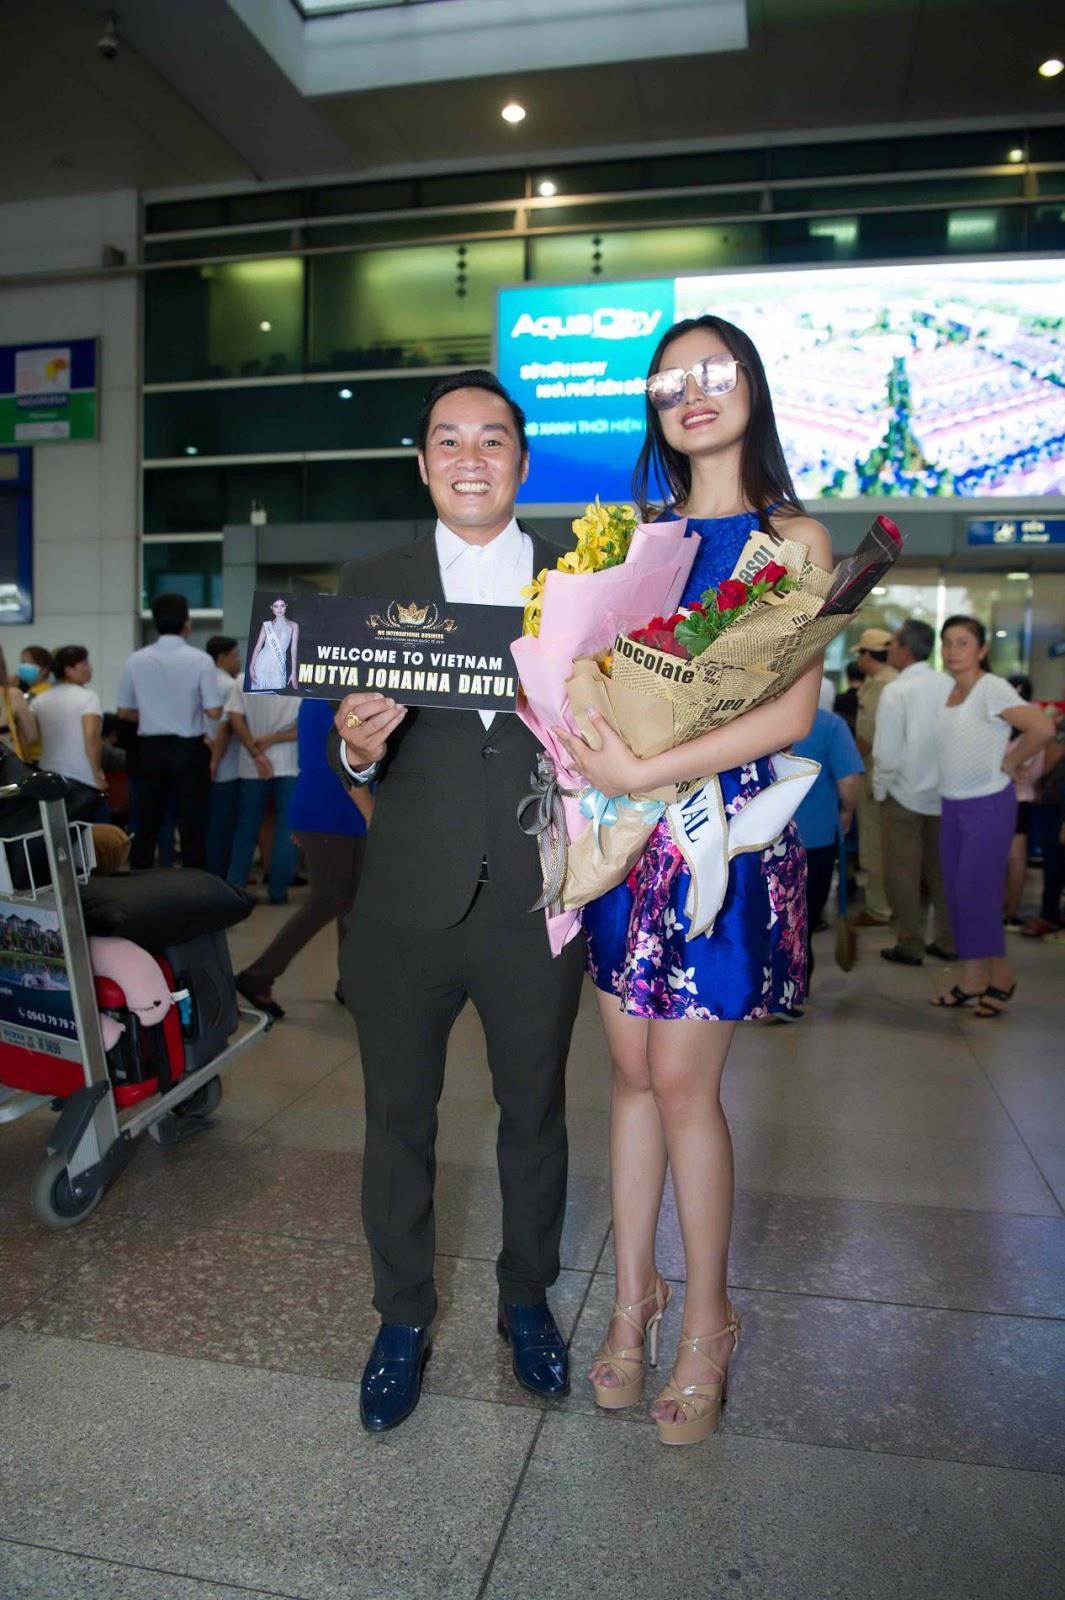 Miss Supranational 2013 Mutya Johanna Datul tự tin khoe sắc vóc trong ngày đầu có mặt tại Việt Nam - Hình 4